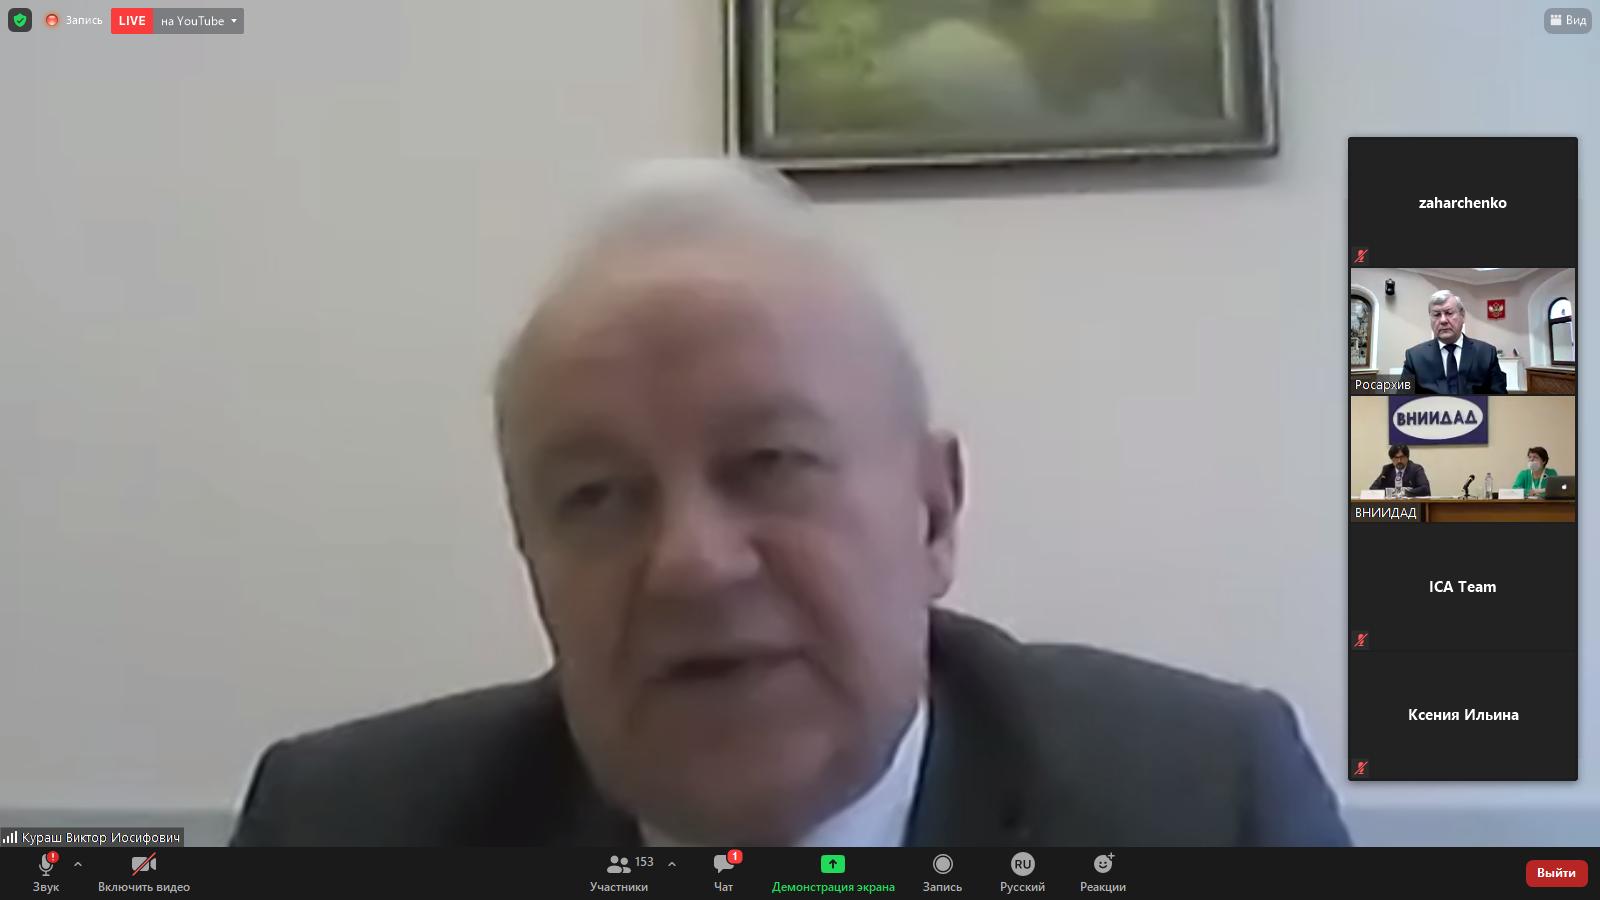 Кураш Виктор Иосифович, директор Департамента по архивам и делопроизводству Министерства юстиции Республики Беларусь, заместитель председателя ЕВРАЗИКИ.